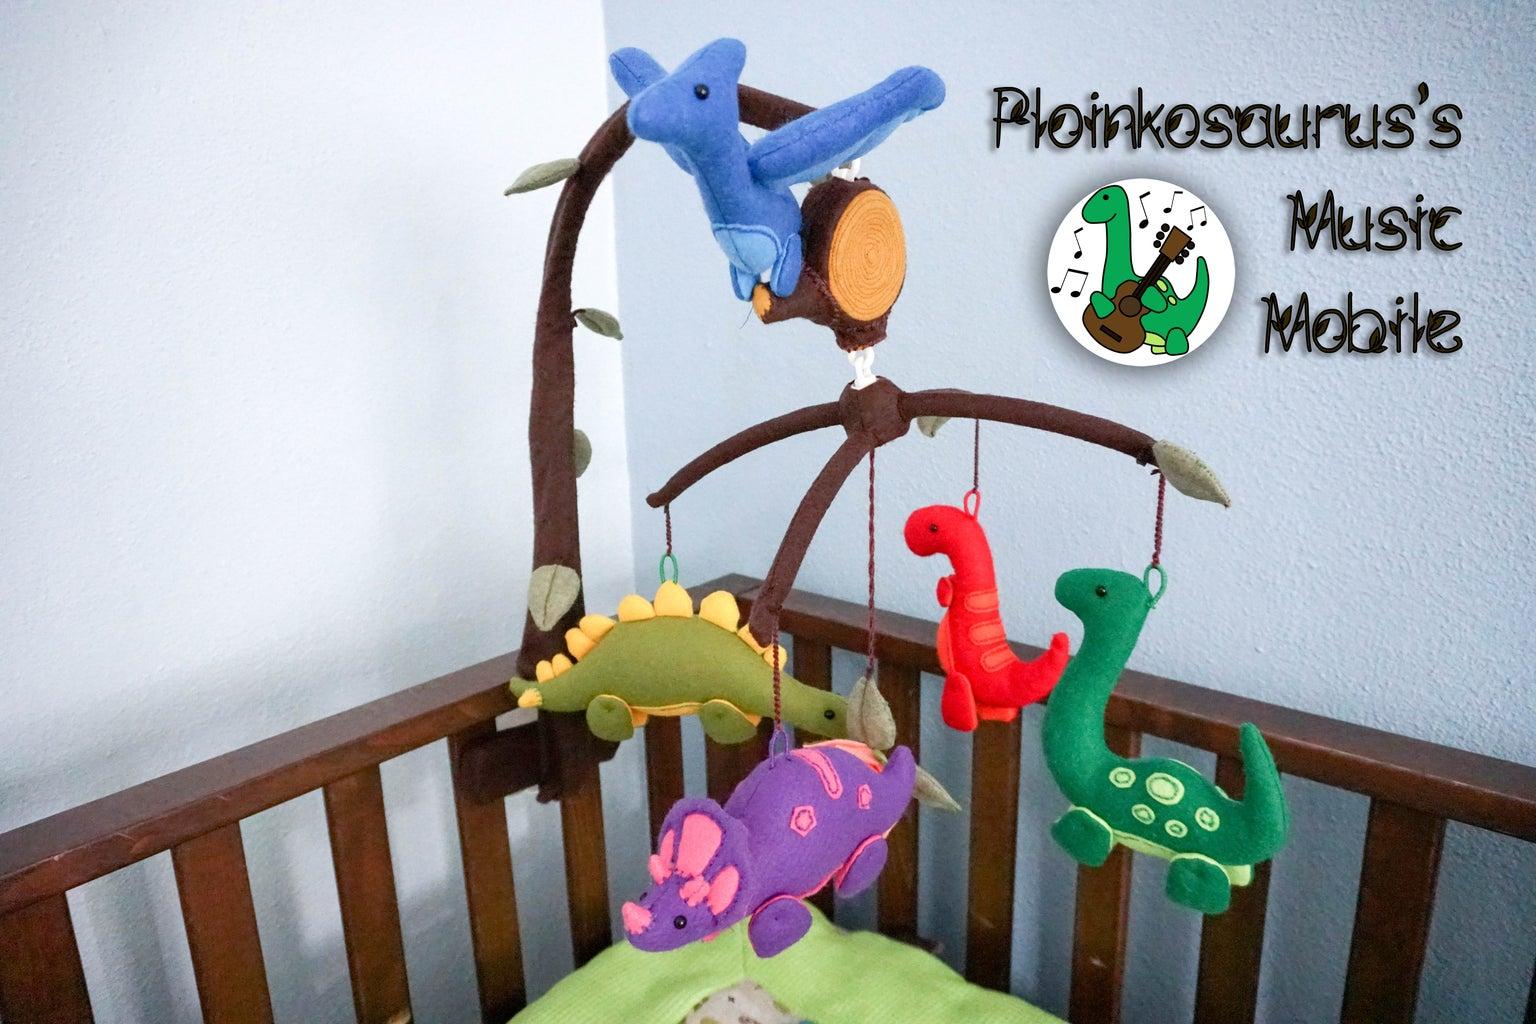 Ploinkosaurus's Music Mobile